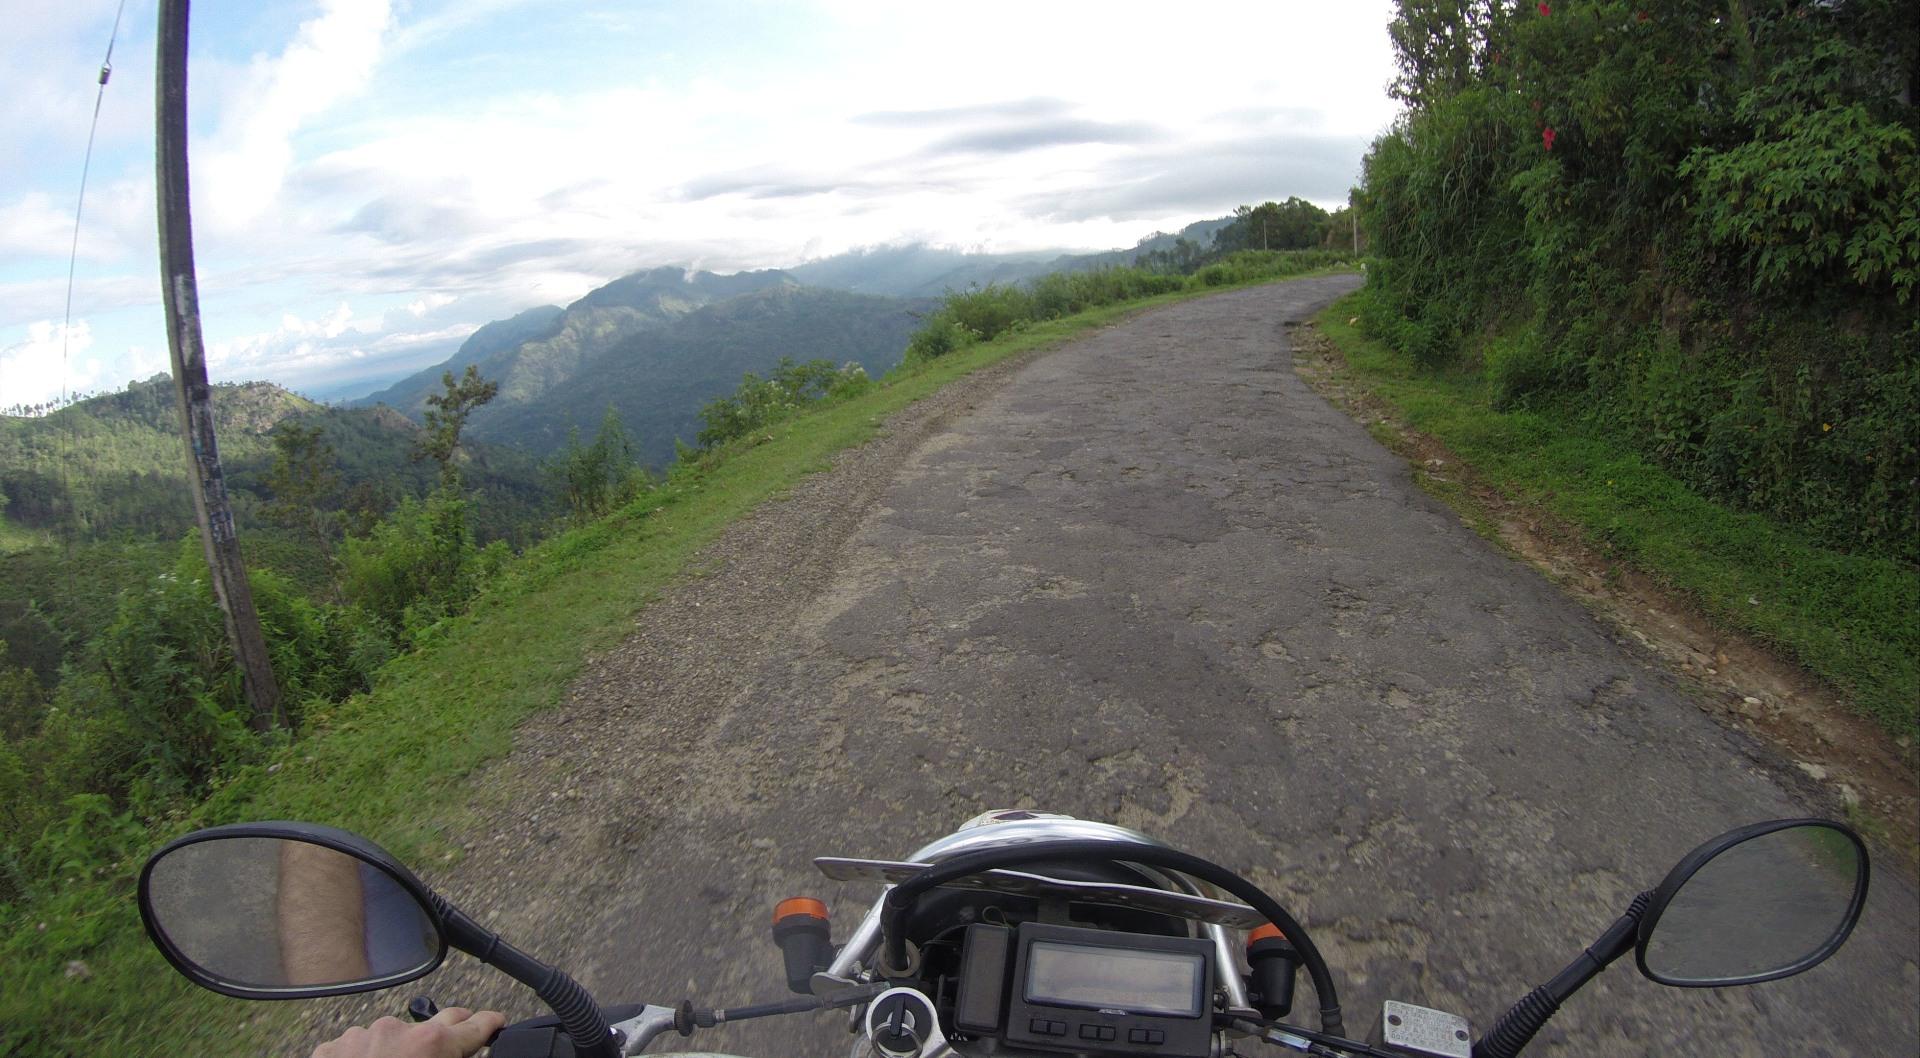 Gabriele Saluci in moto in Sri Lanka - foto @GabrieleSaluci